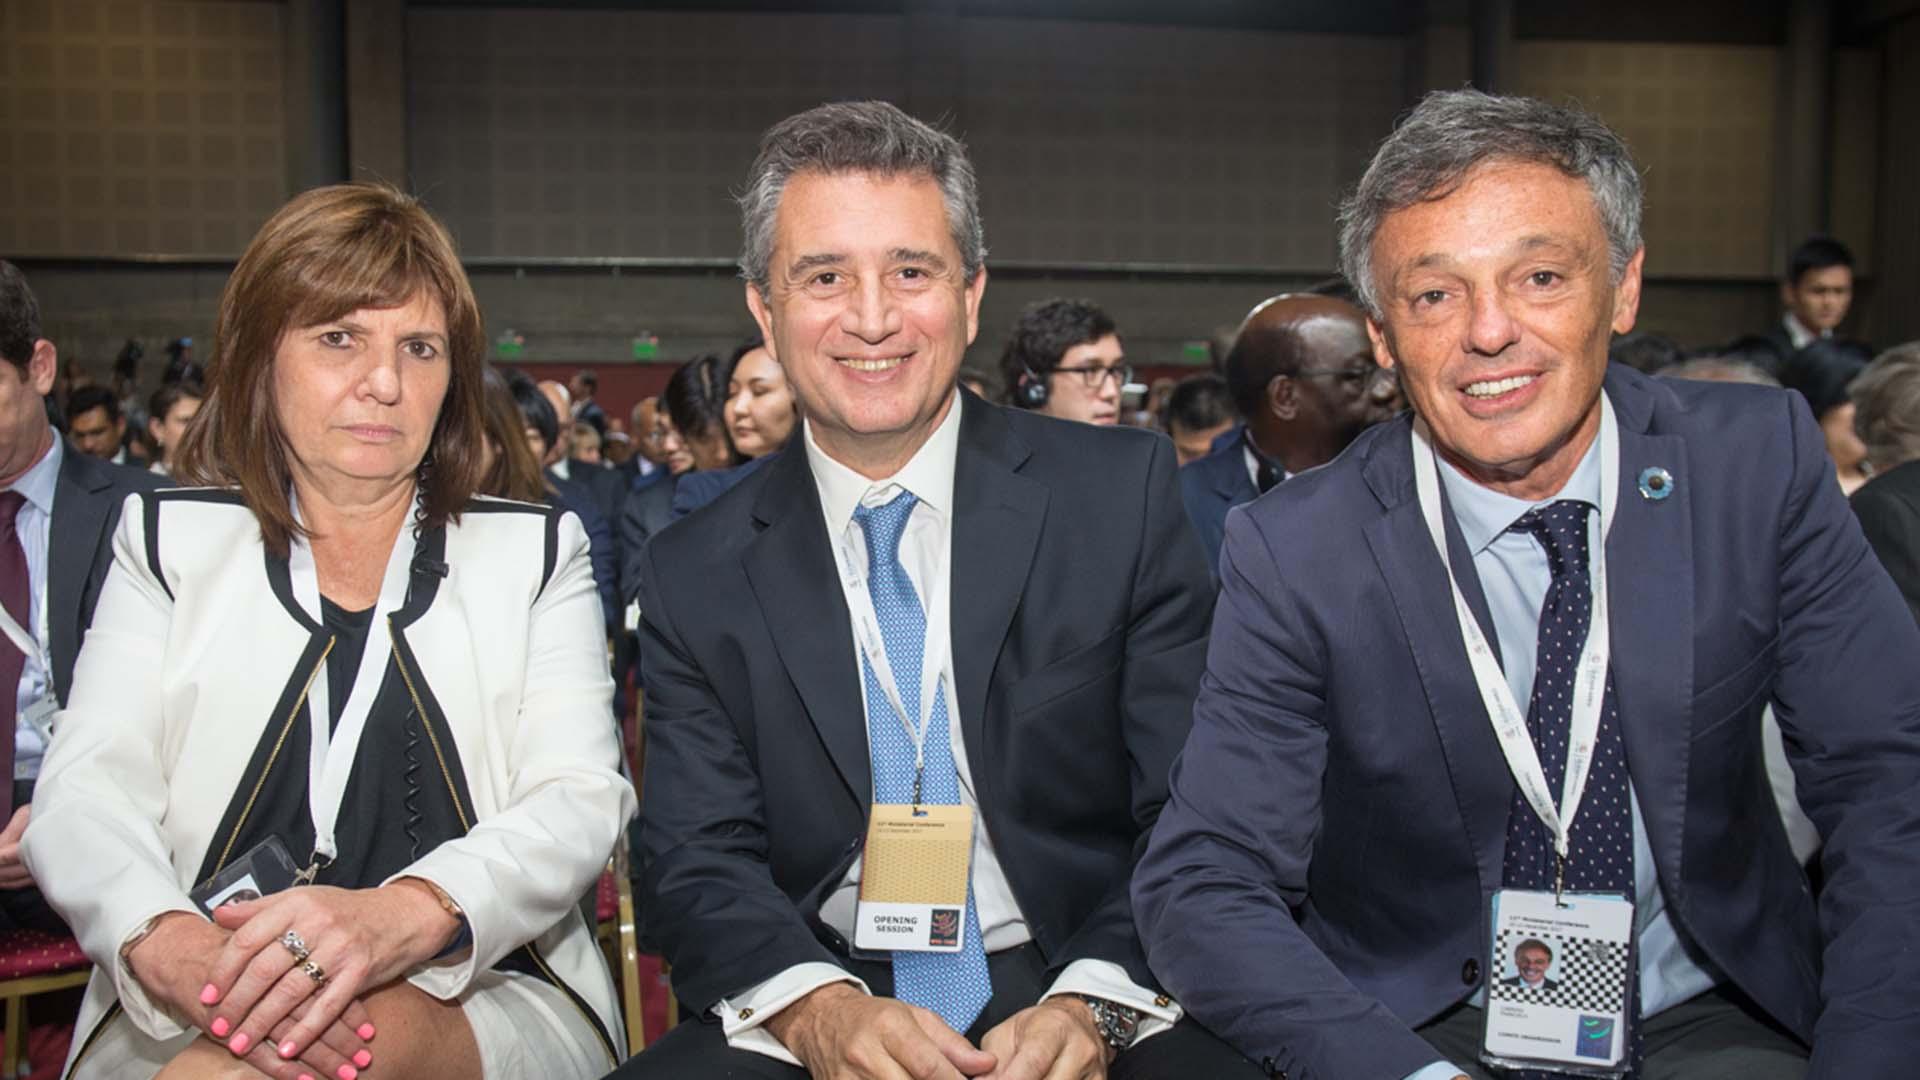 La ministra de Seguridad, Patricia Bullrich; el ministro de Agroindustria, Luis Miguel Etchevehere y el ministro de Producción, Francisco Cabrera